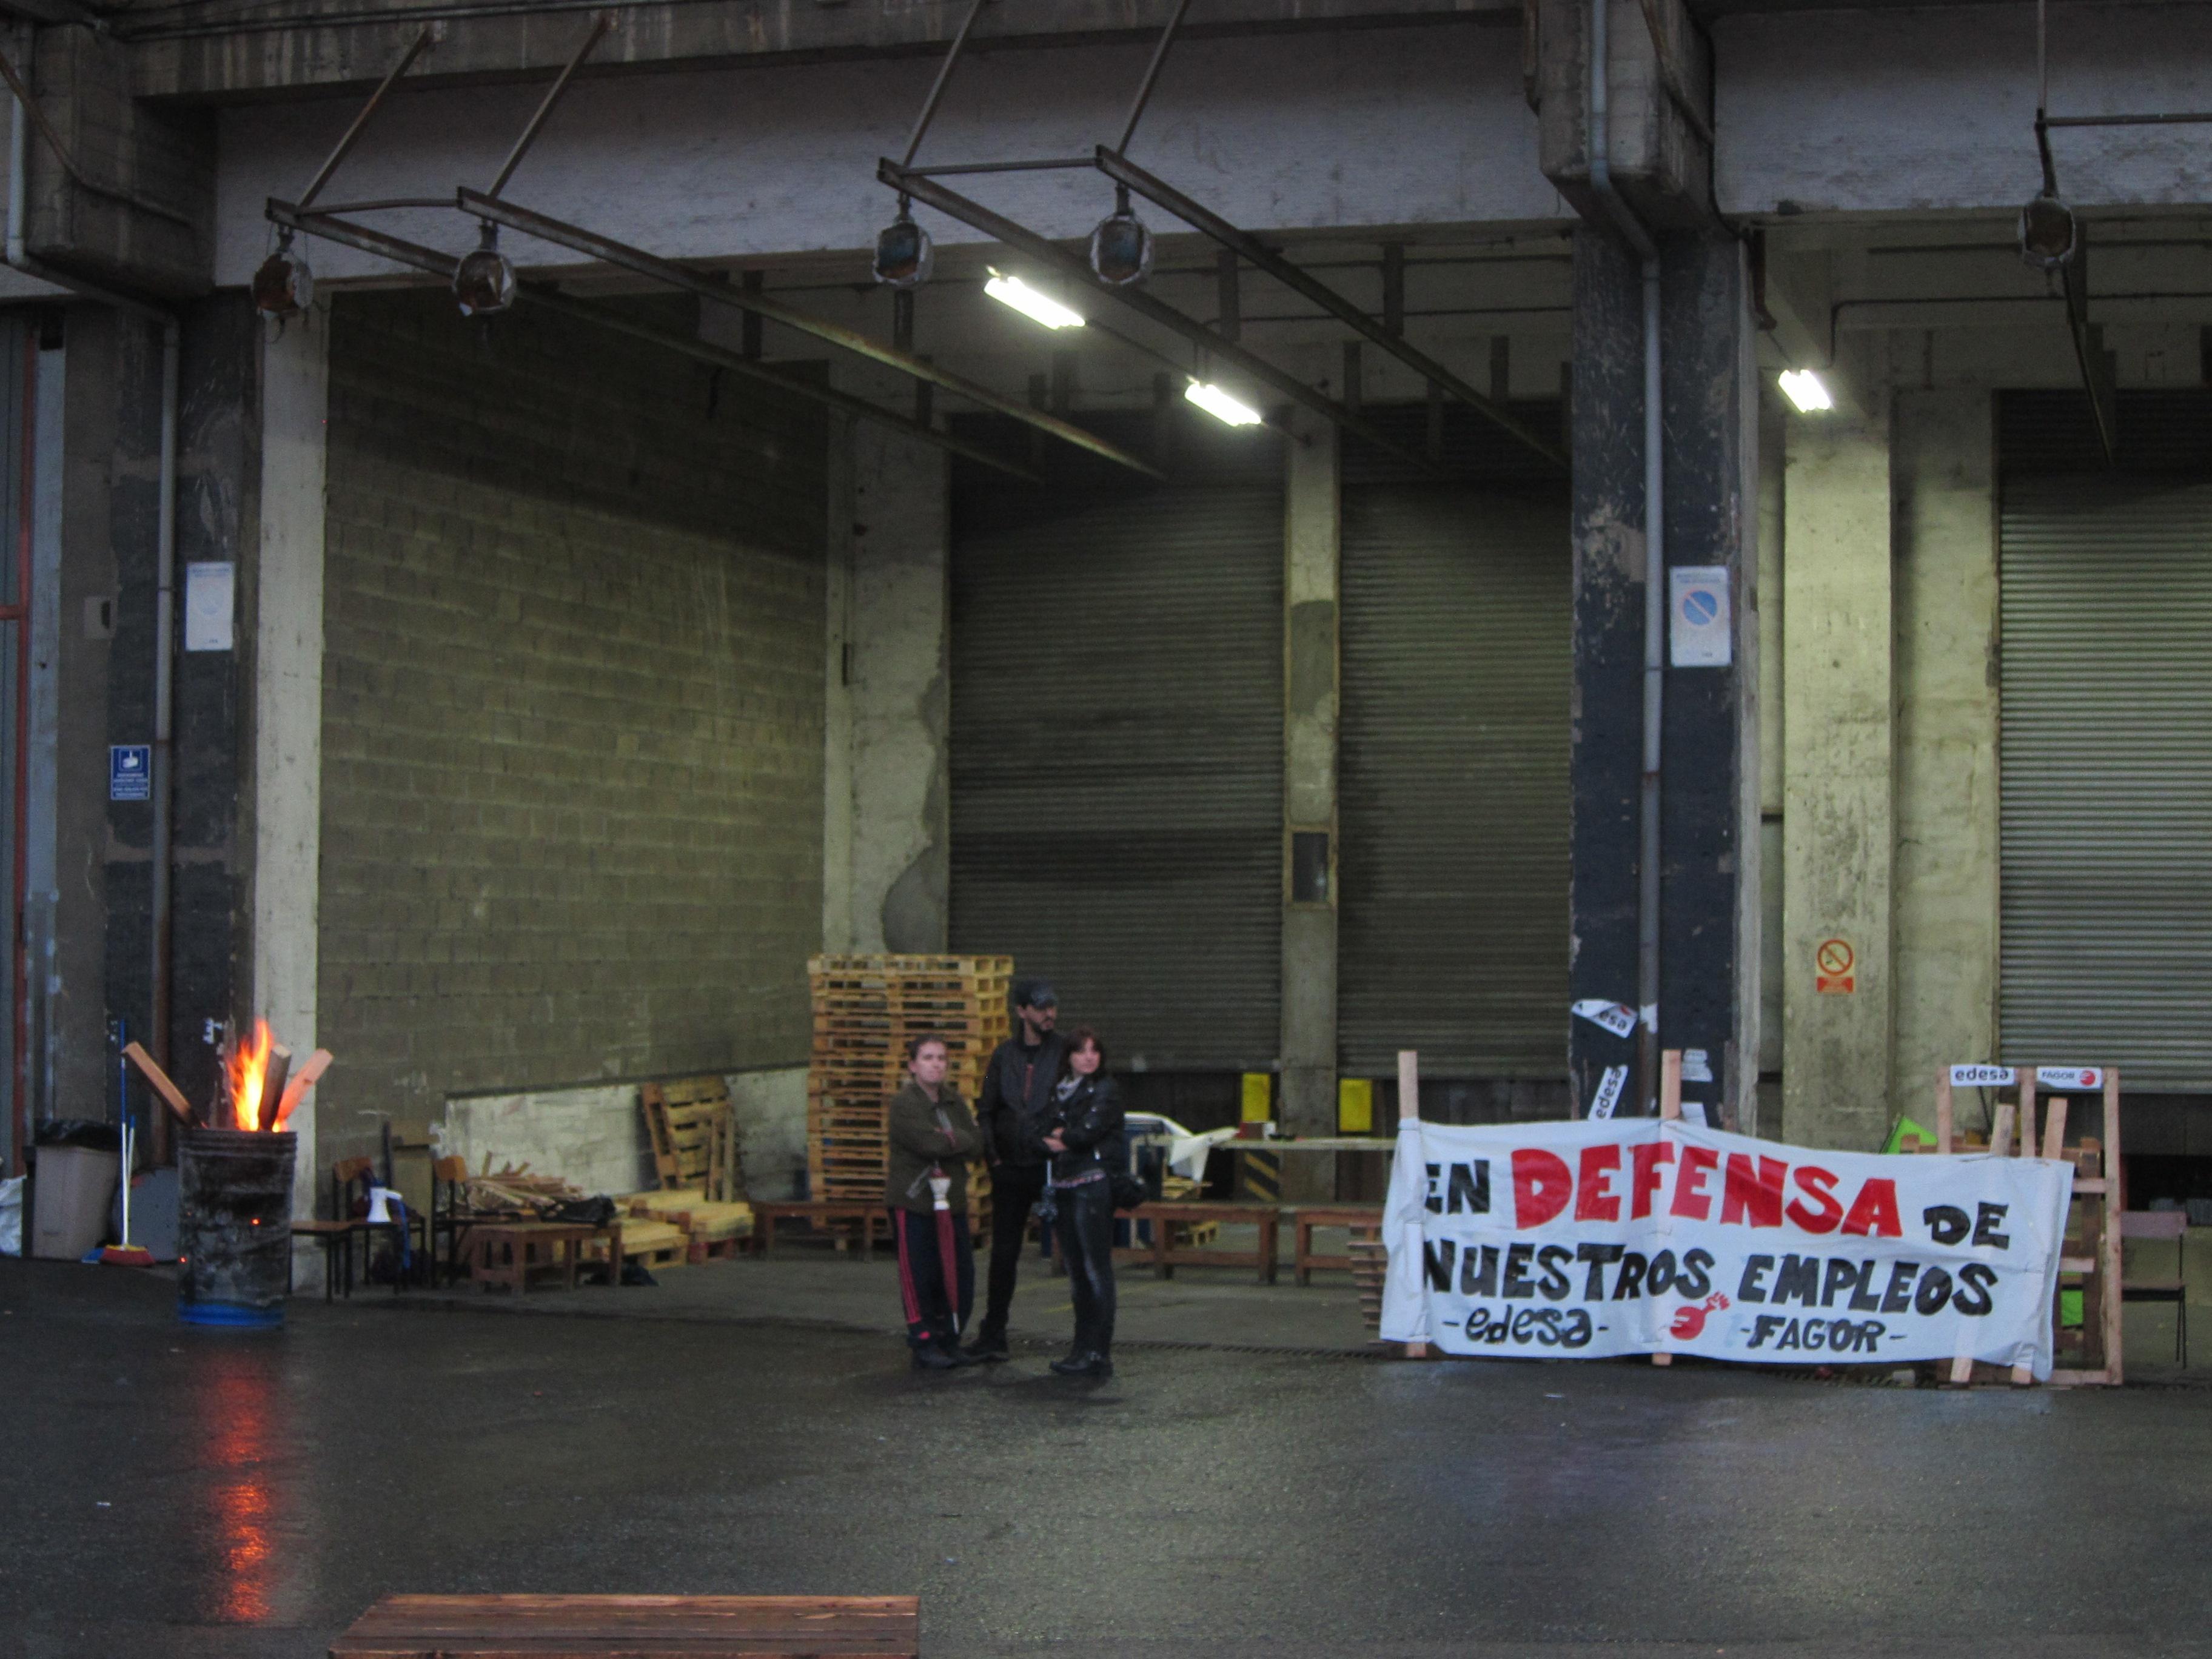 Trabajadores de Edesa pasarán la Nochebuena encerrados en la empresa en defensa de sus puestos de trabajo